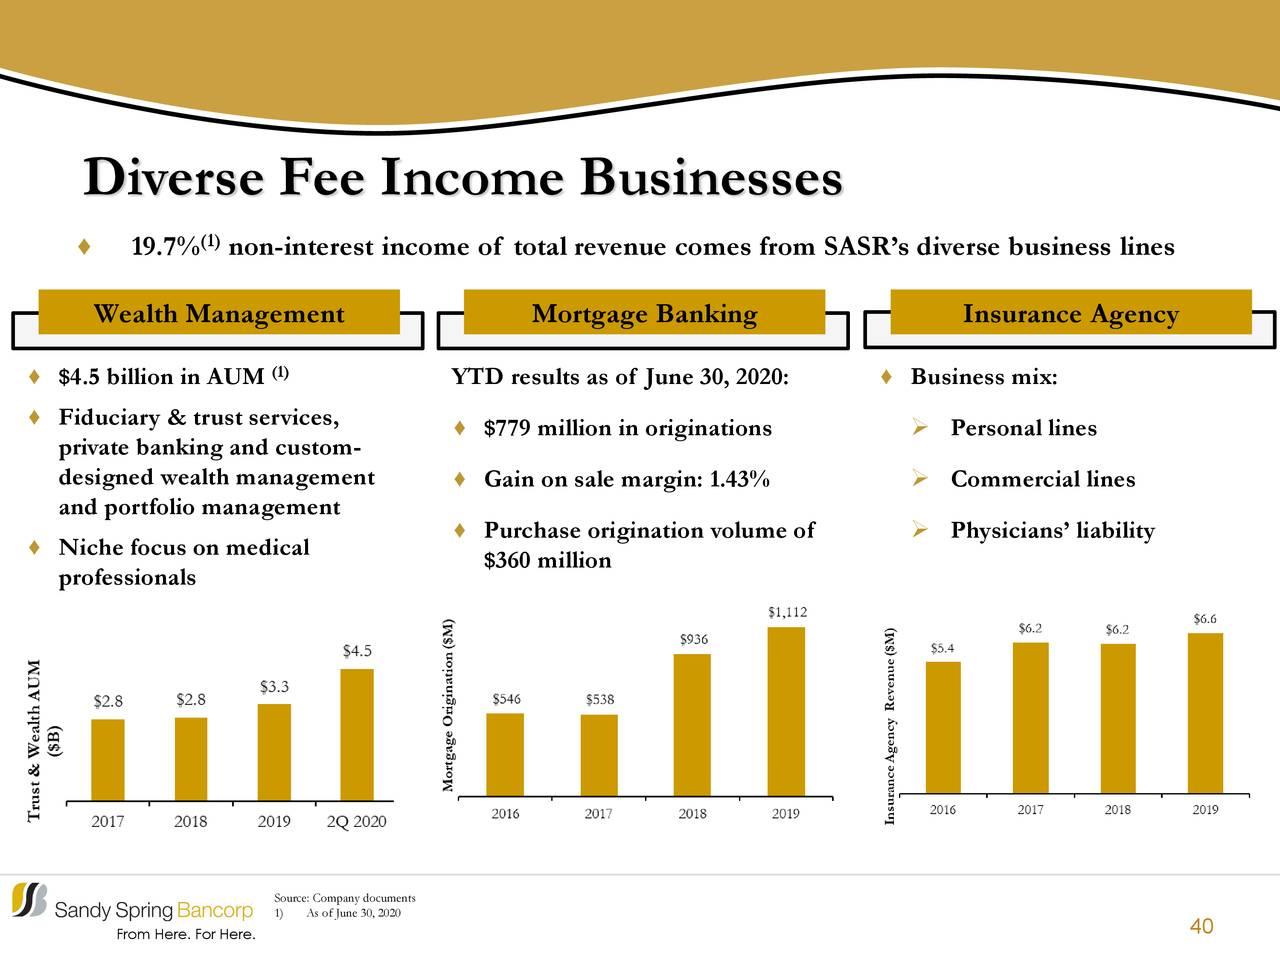 Empresas de ingresos por comisiones diversas